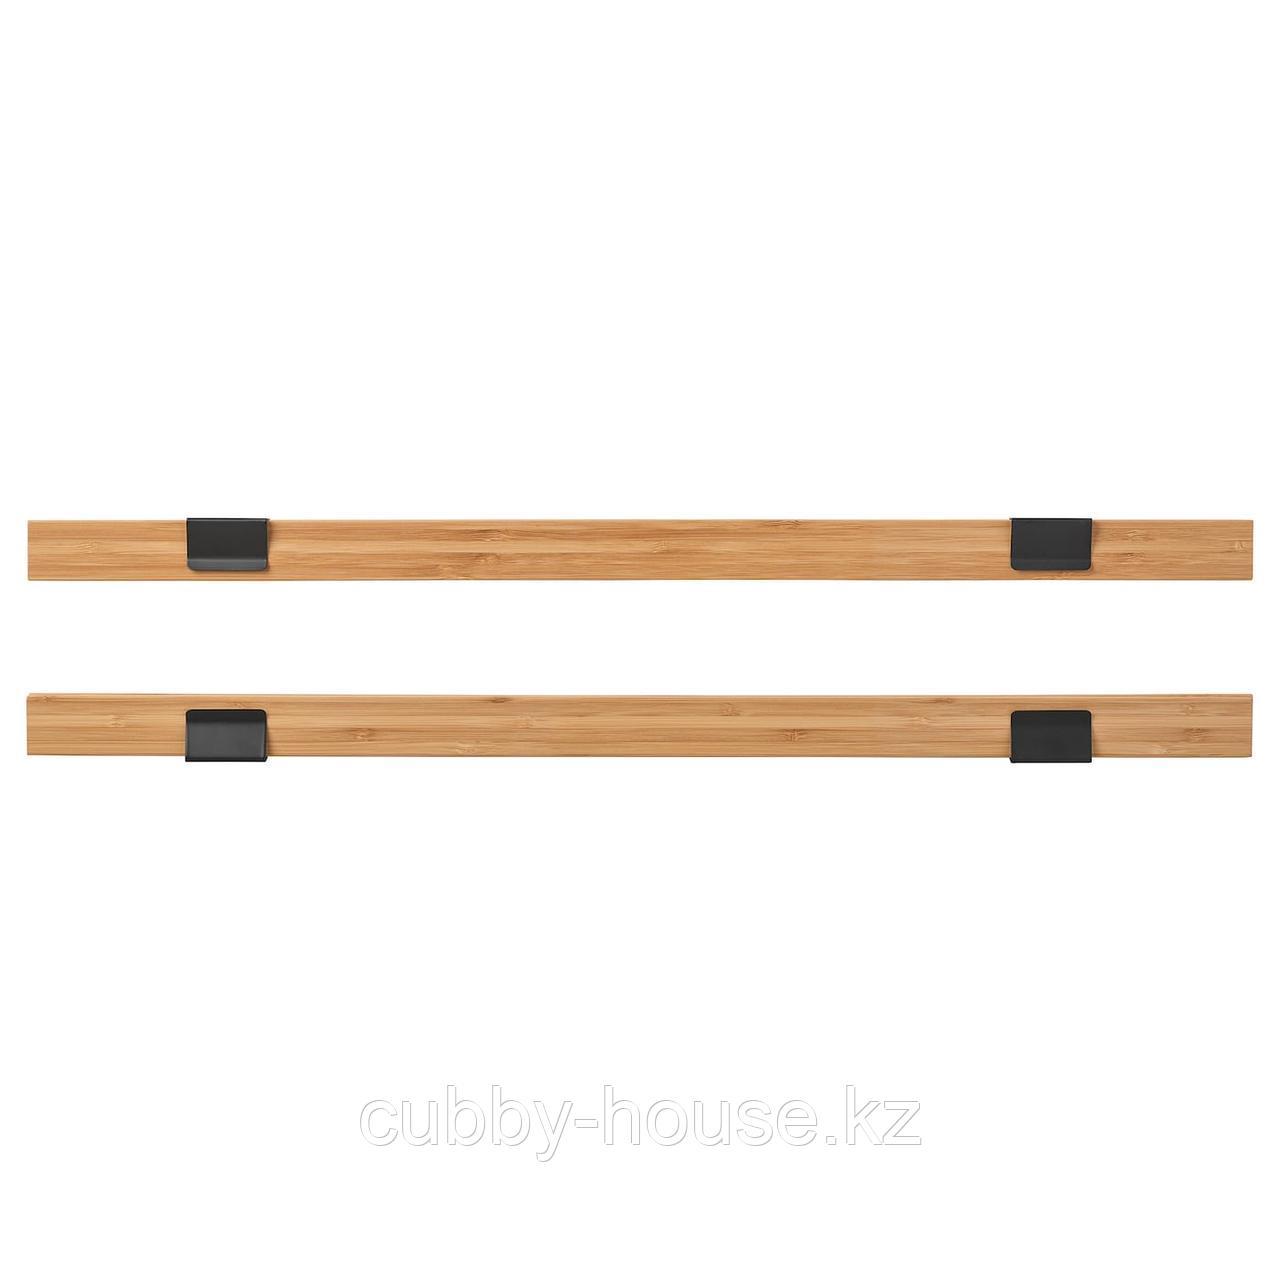 ВИСБЭКК Держатель для постера, бамбук, 40 см